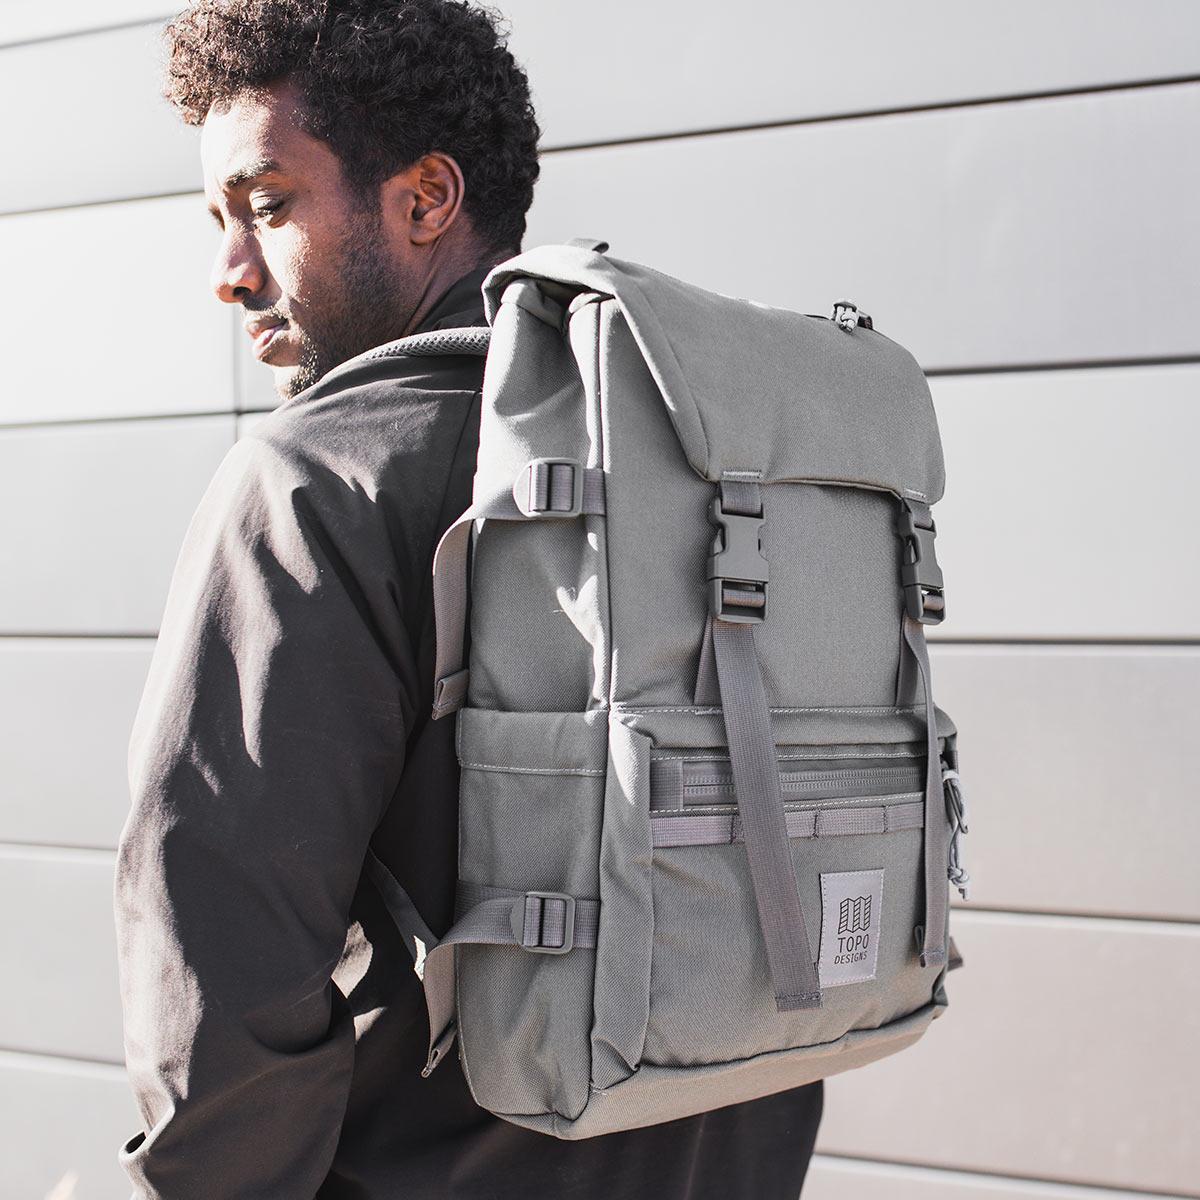 Topo Designs Rover Pack Tech Charcoal, tijdloze rugzak met moderne functionaliteiten voor dagelijks gebruik